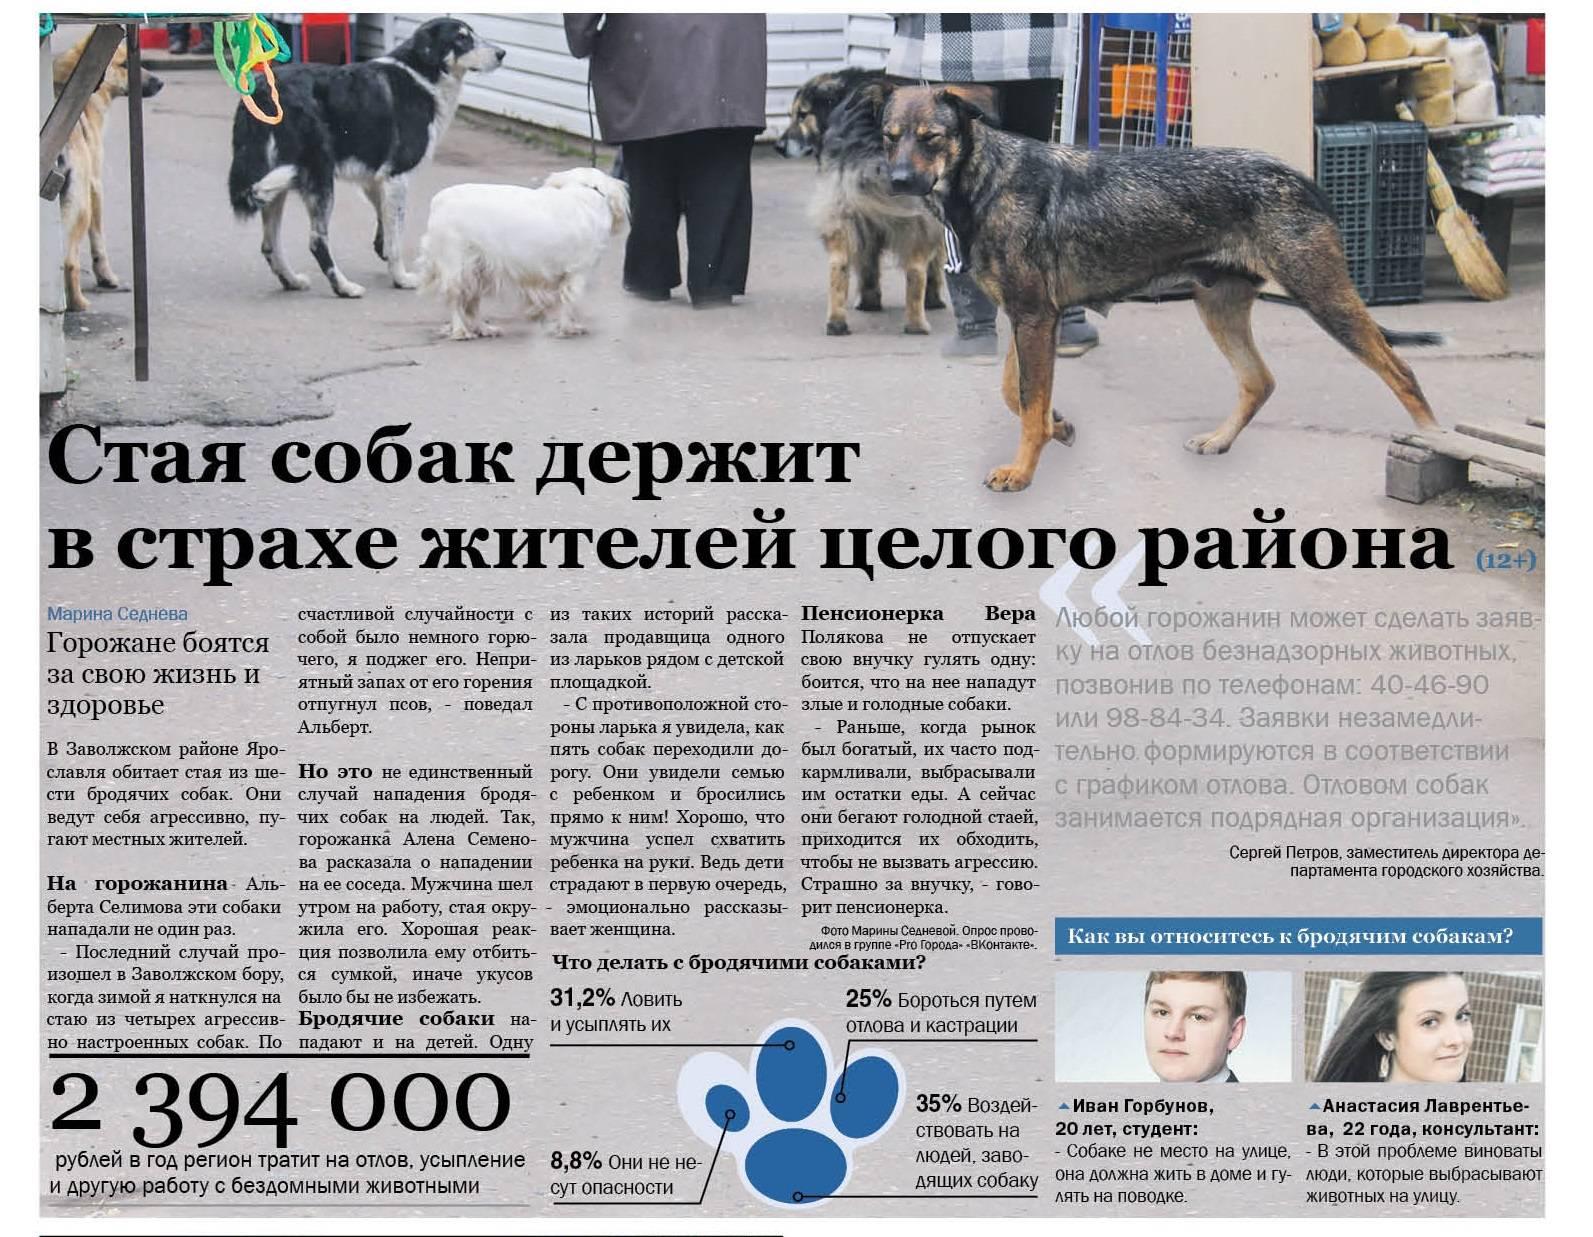 Как жители москвы могут помочь бездомной собаке — рекомендации на реальном примере | волонтеры приюта щербинка  в защиту бездомных животных, сообщество доброты